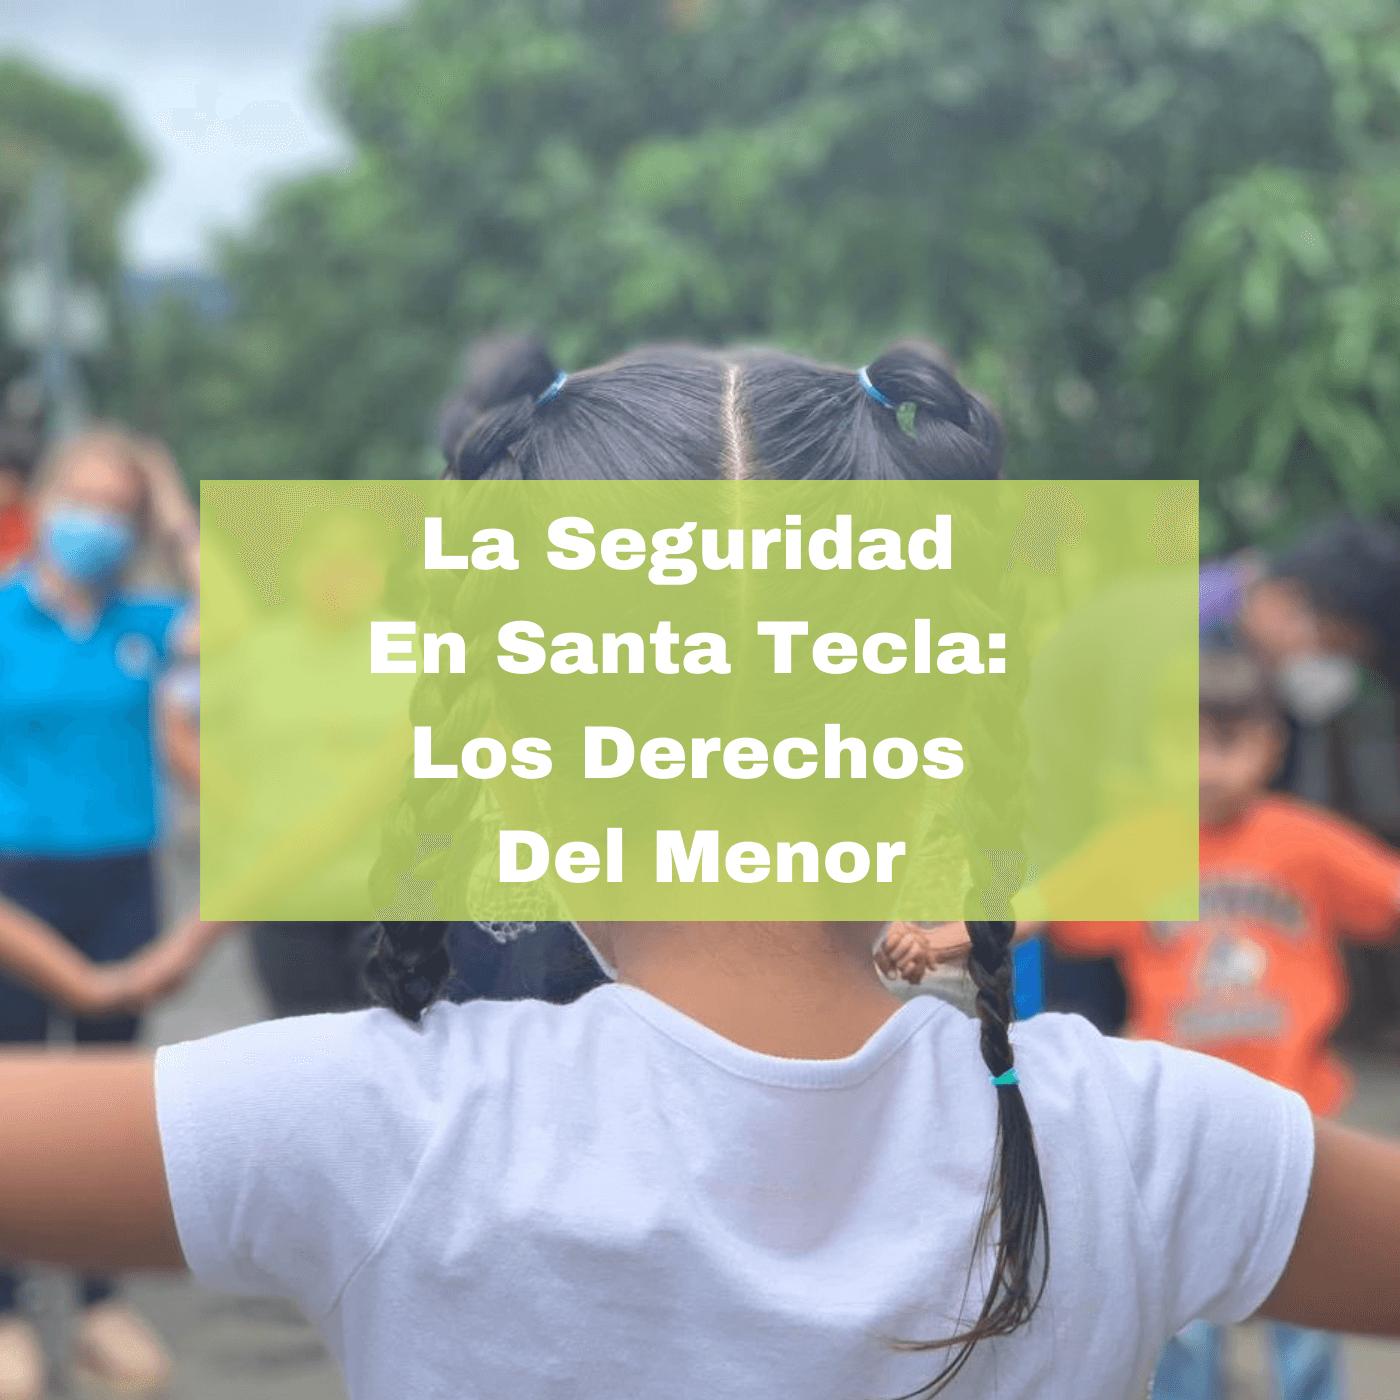 Más Seguridad En Santa Tecla Los Derechos Del Menor. Foto portada. Infografía. Roberto d'Aubuisson 2020